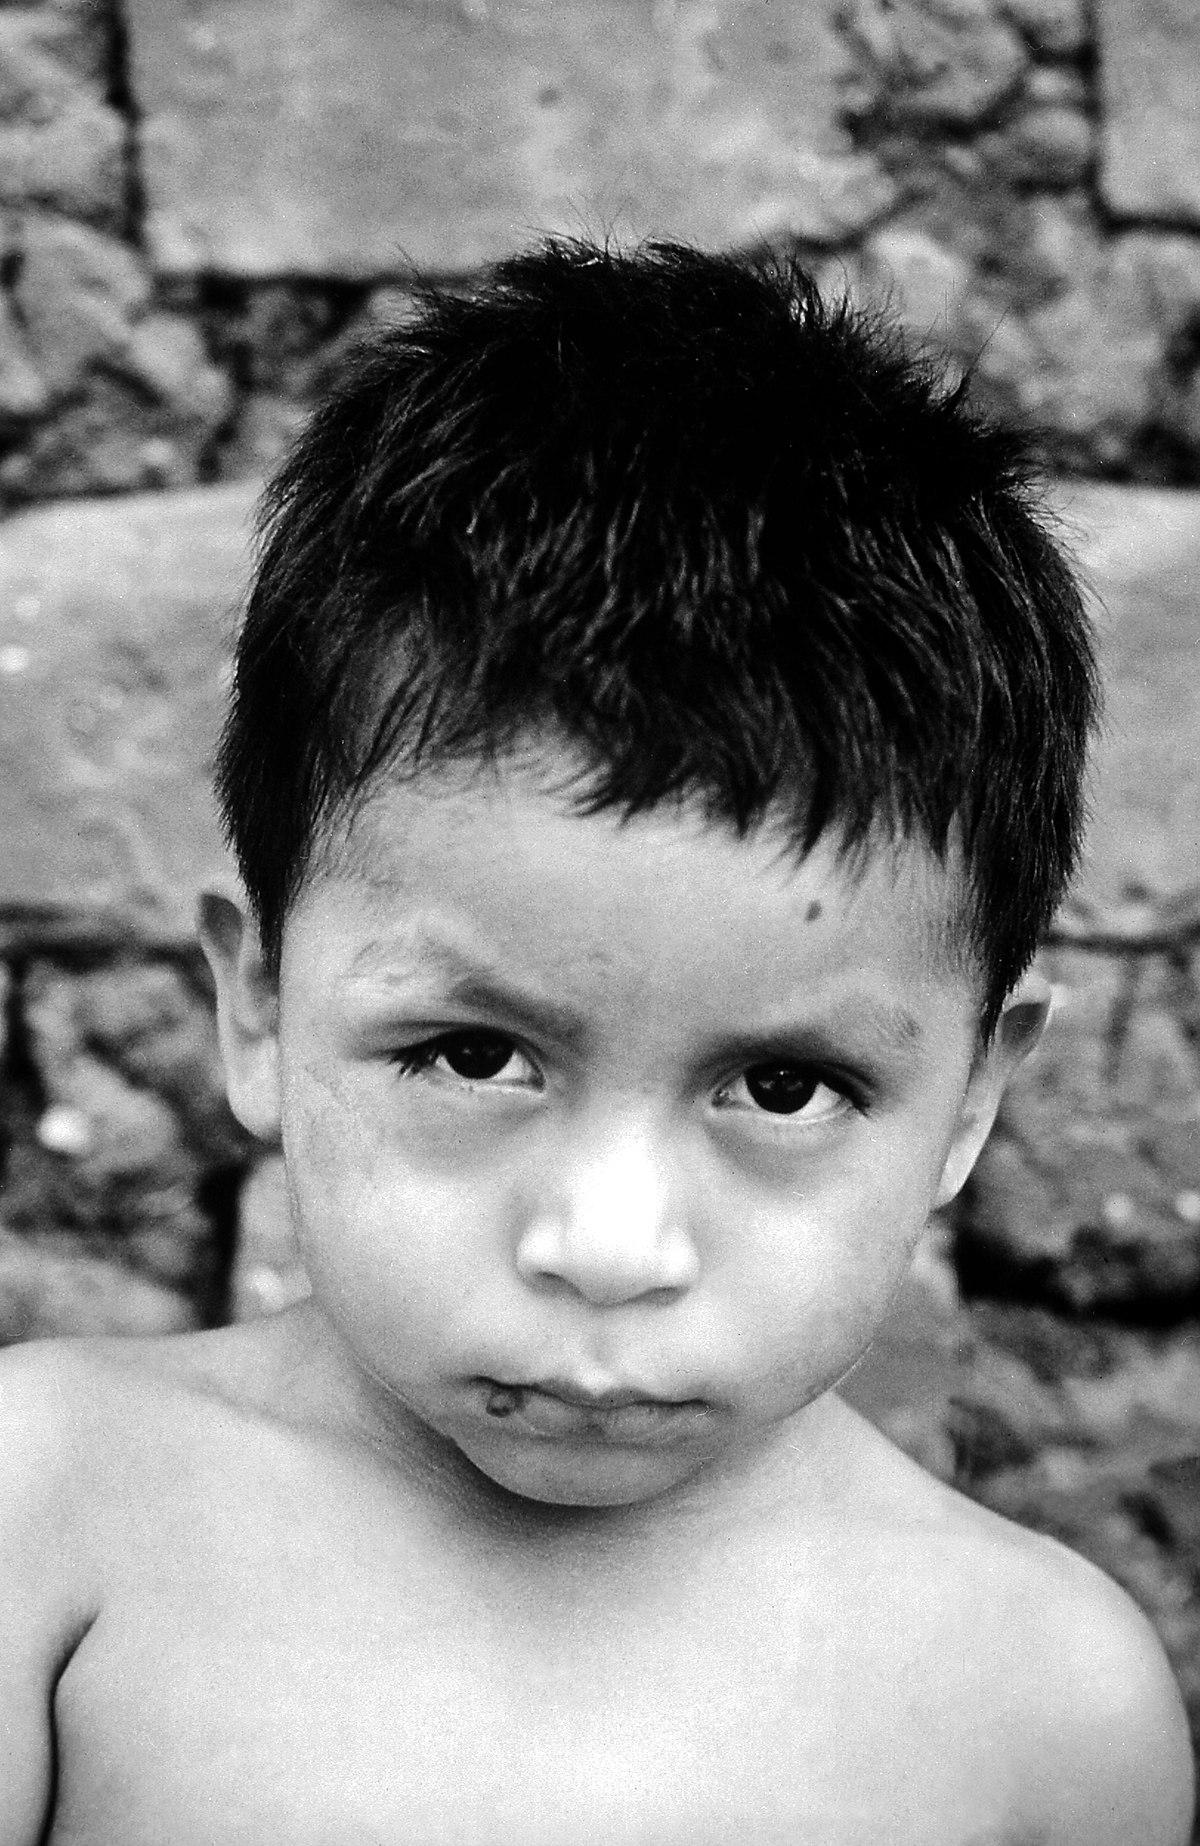 Болезнь Шагаса - это... Что такое Болезнь Шагаса?